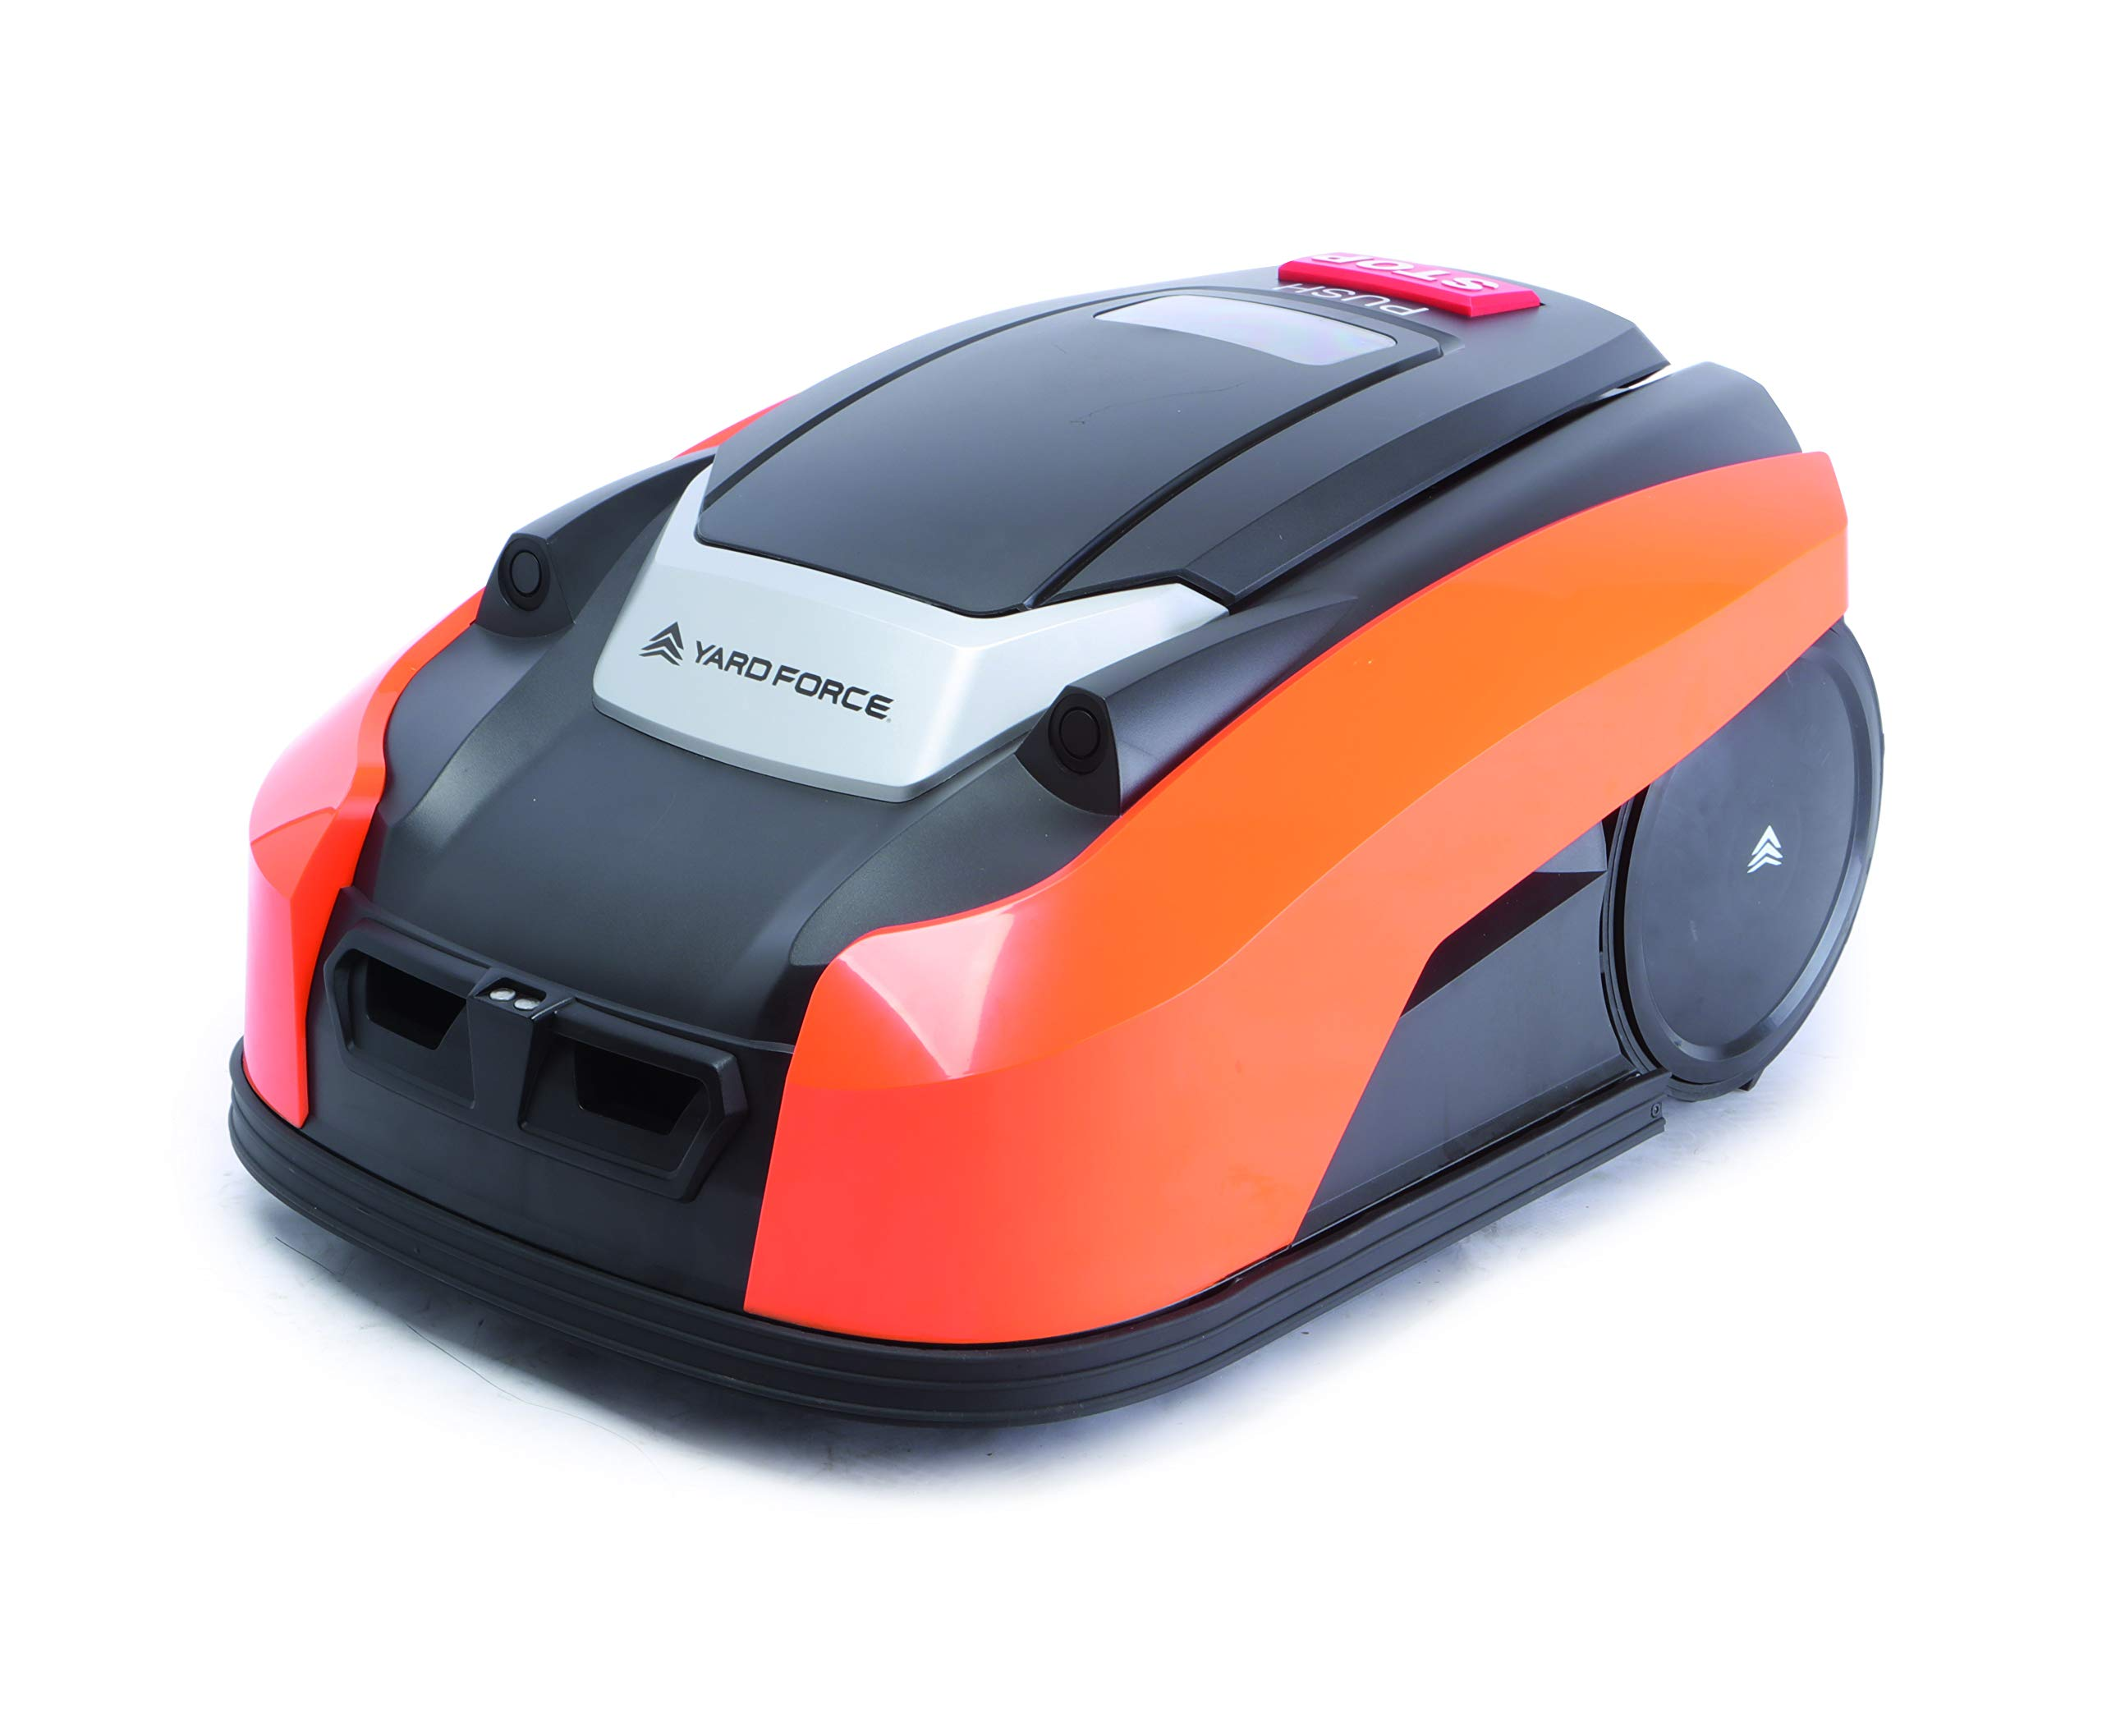 YardForce-X60i-Mhroboter-mit-App-Steuerung–Selbstfahrender-Rasenmher-Roboter-mit-Regensensor–Akku-Rasenroboter-fr-bis-zu-600m-Rasen-40-Steigung-28-V-schwarzorange